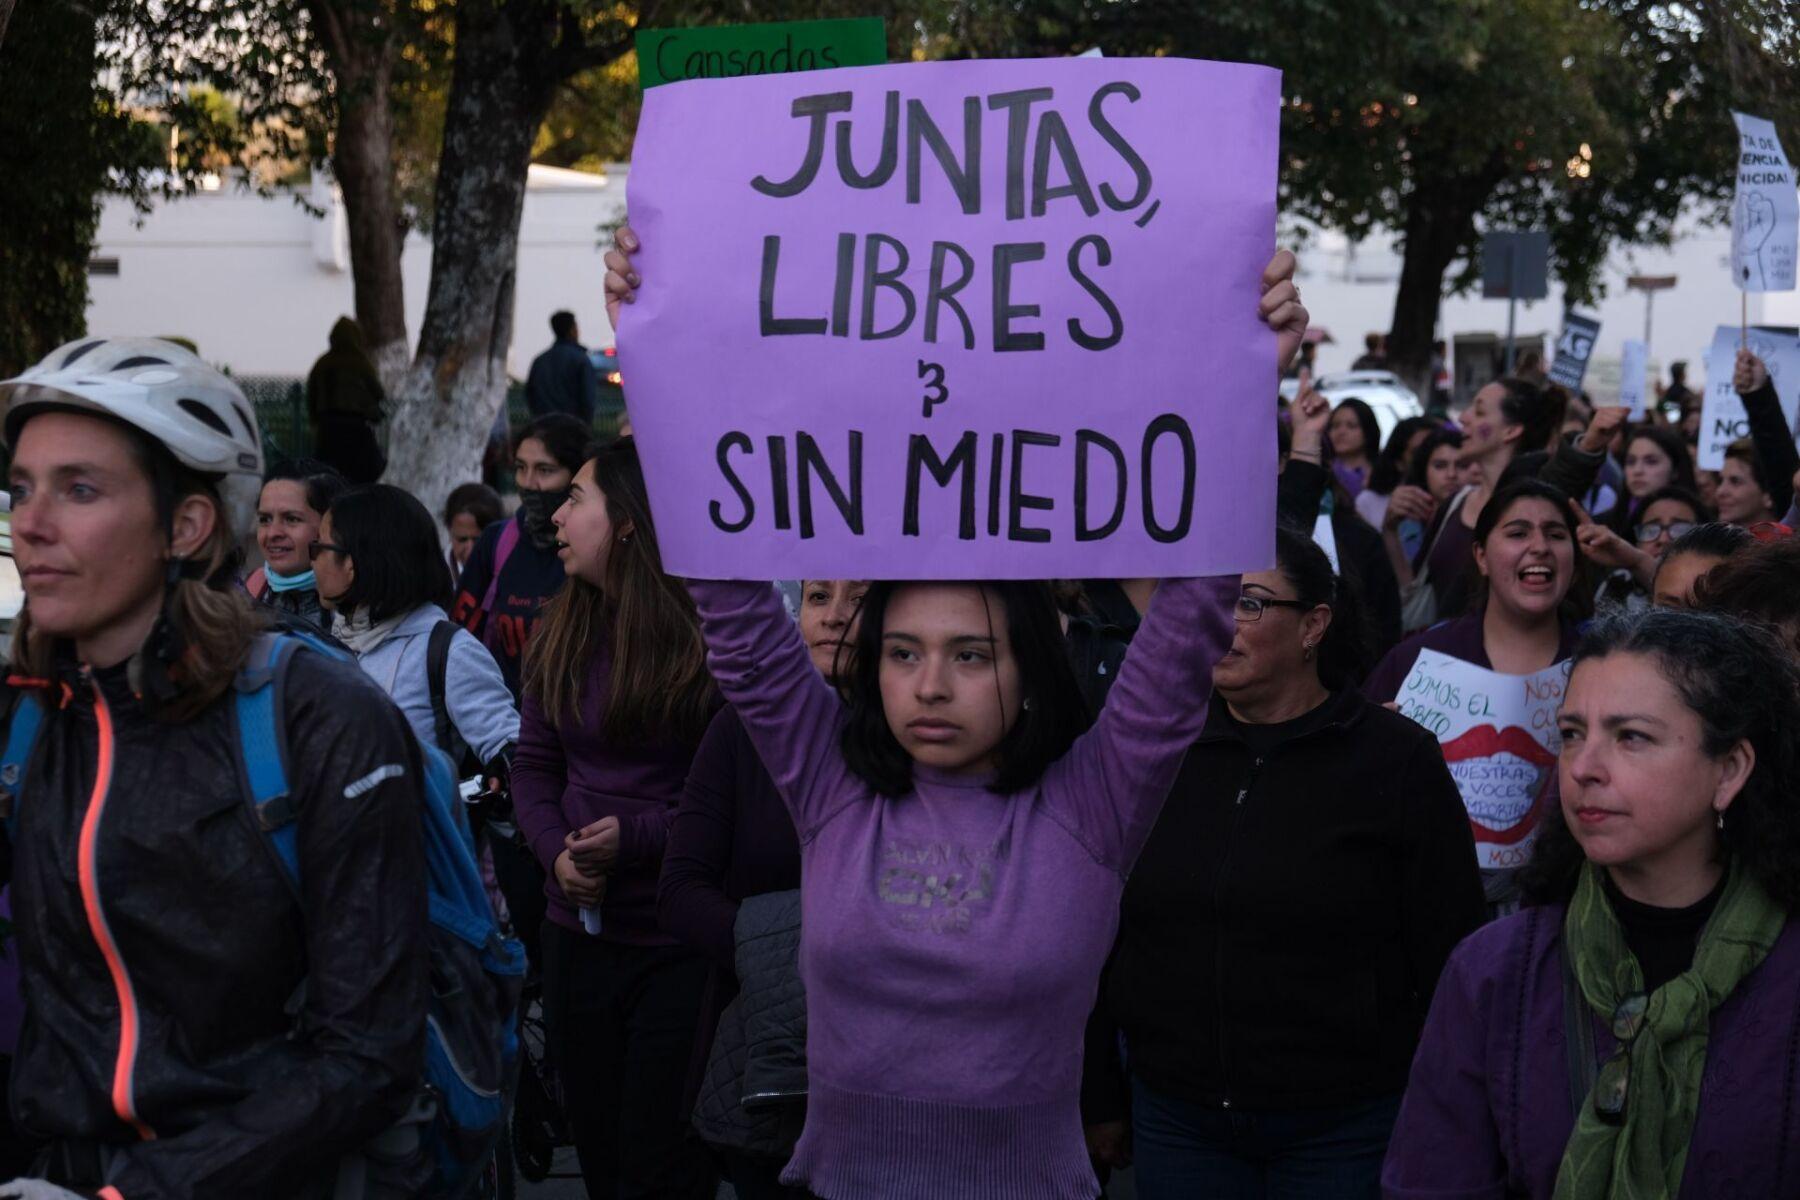 Mujeres marcharon para exigir justicia en contra de todos los feminicidios y violencias machistas.